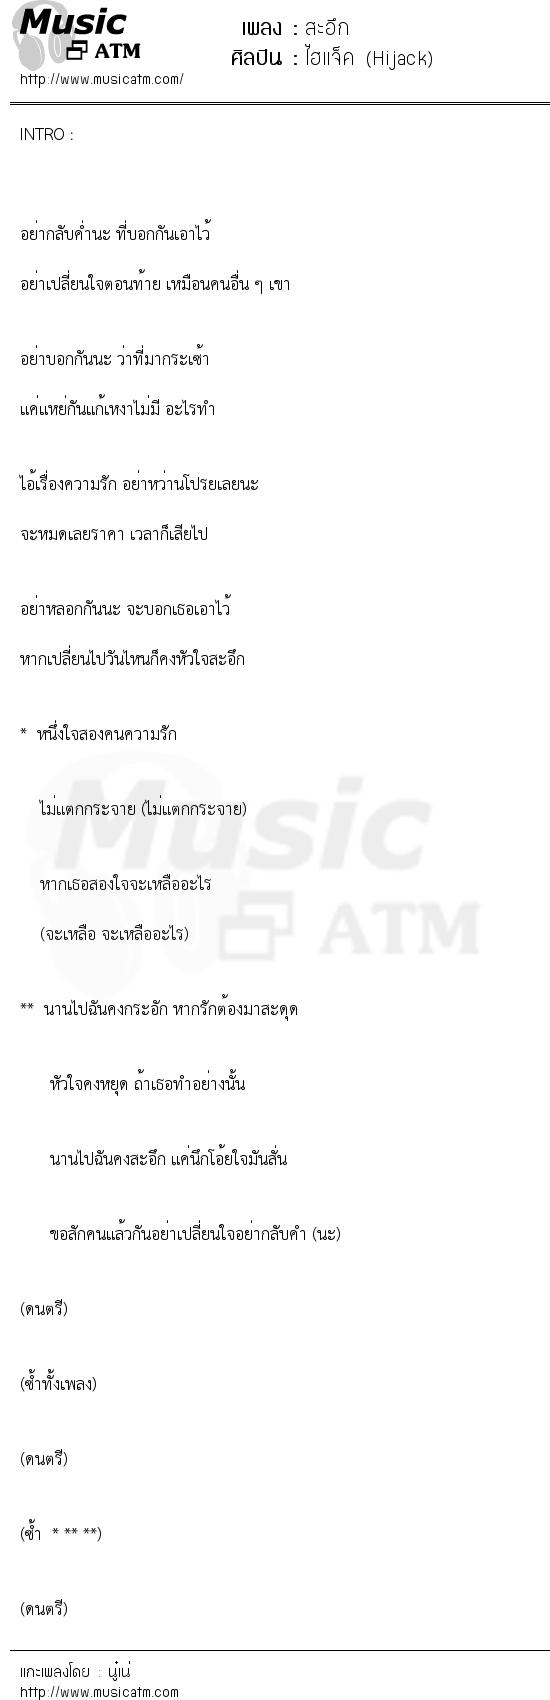 สะอึก | เพลงไทย